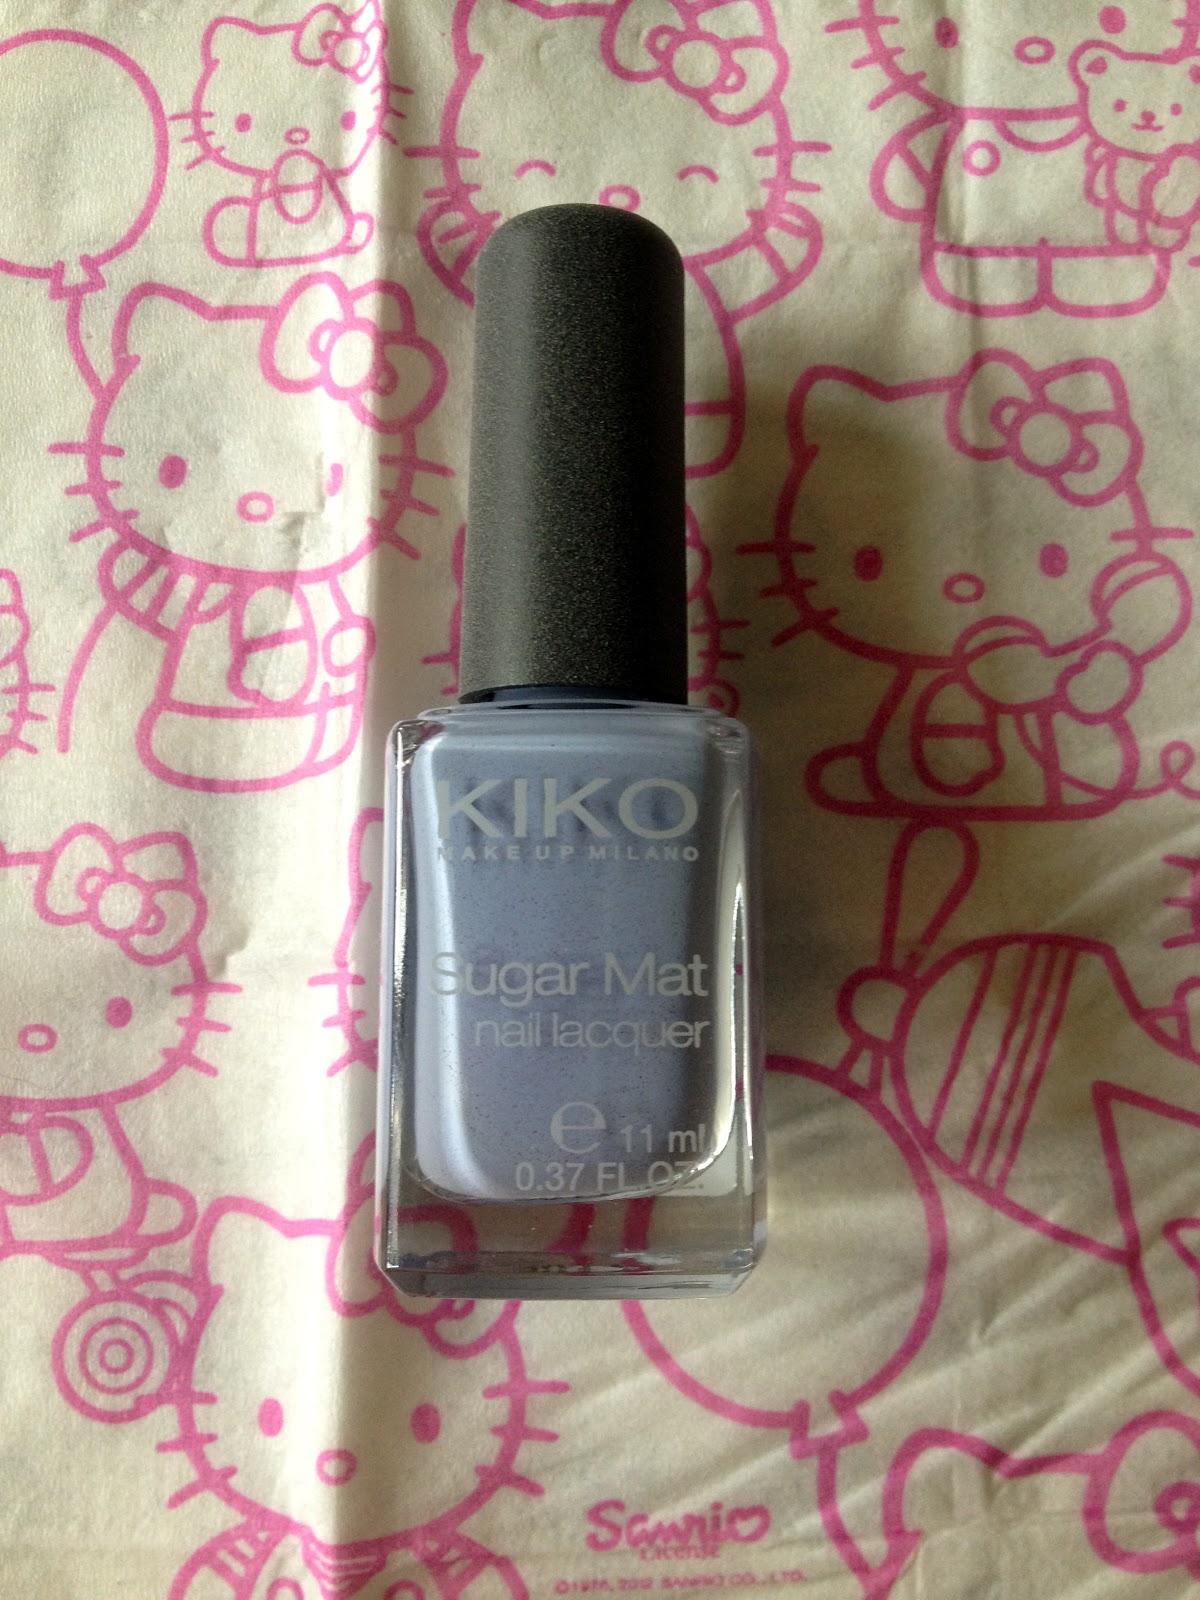 Y tu c mo te vas a pintar las u as hoy comprita en kiko - Pintaunas kiko efecto espejo ...